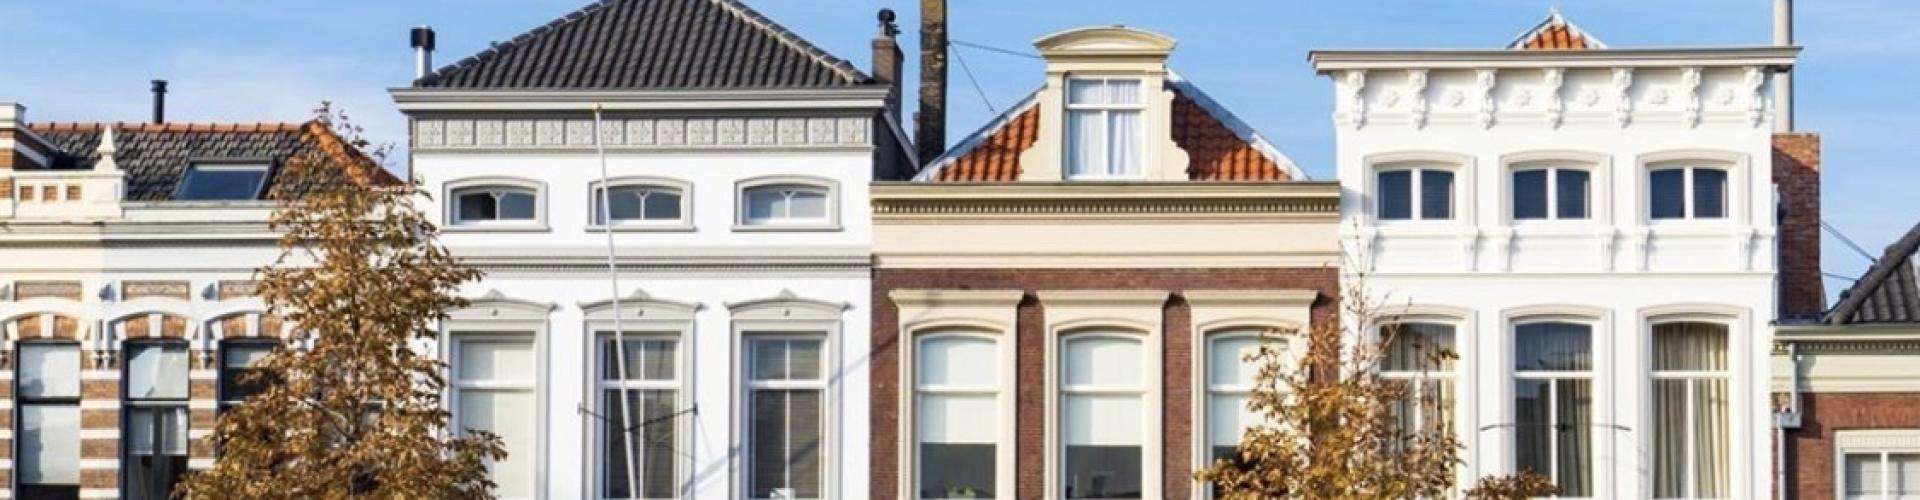 Huis erven met hypotheek